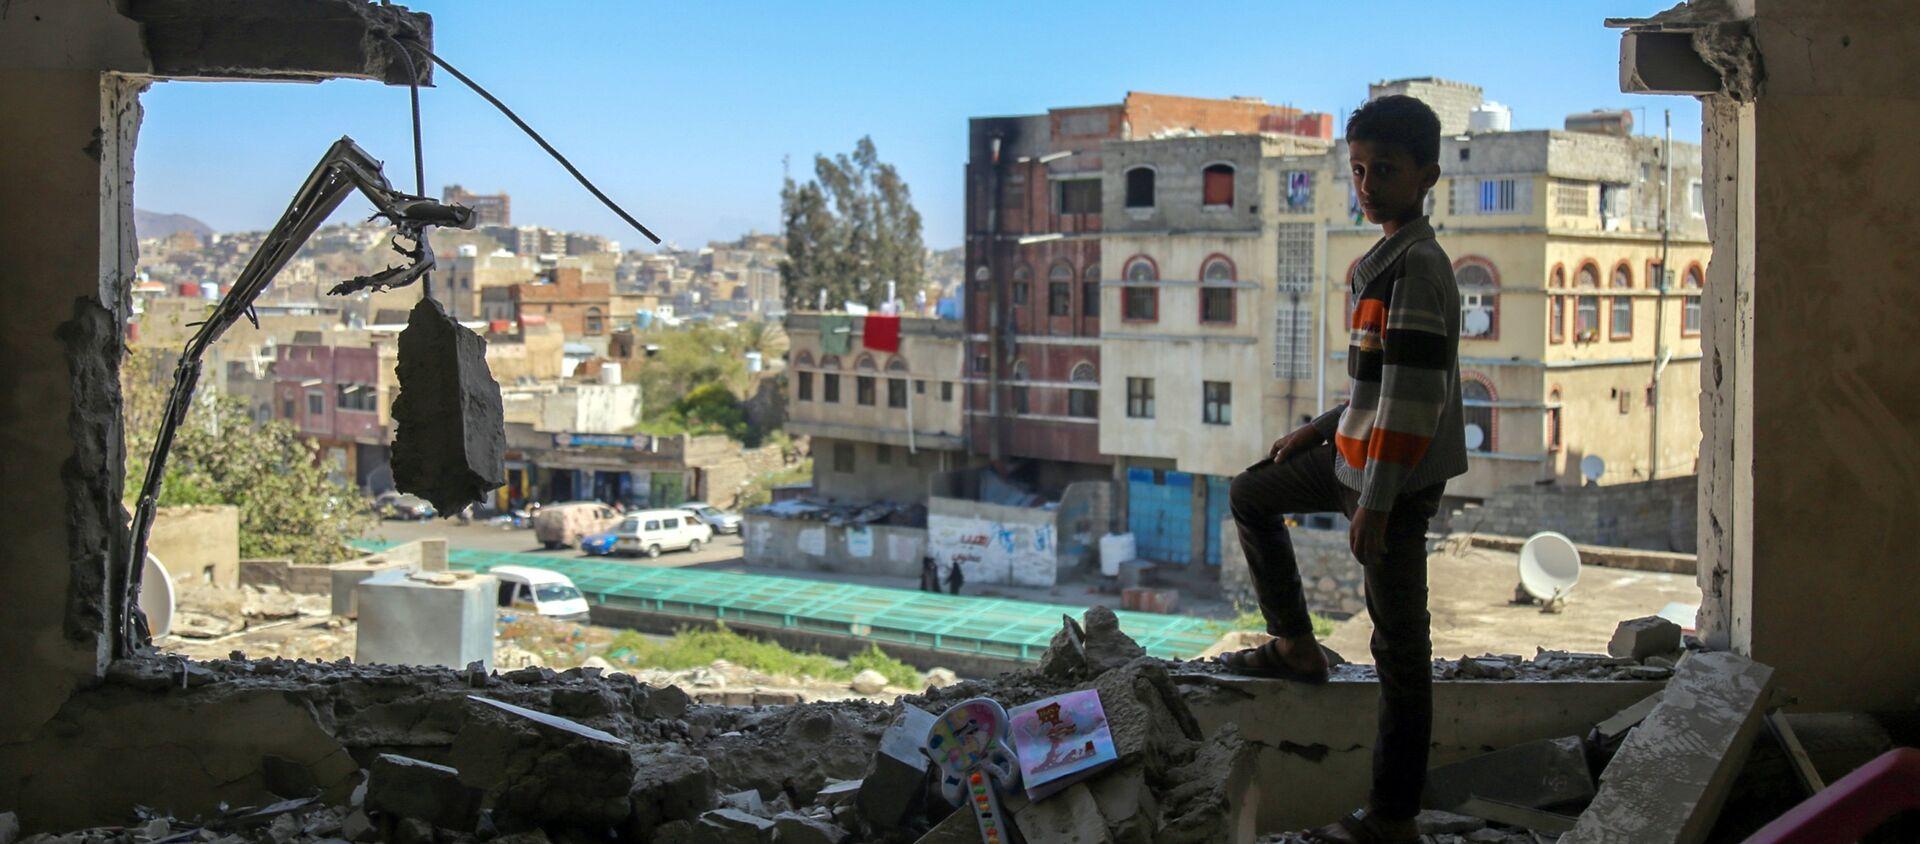 Situation au Yémen, image d'illustration  - Sputnik France, 1920, 02.02.2021